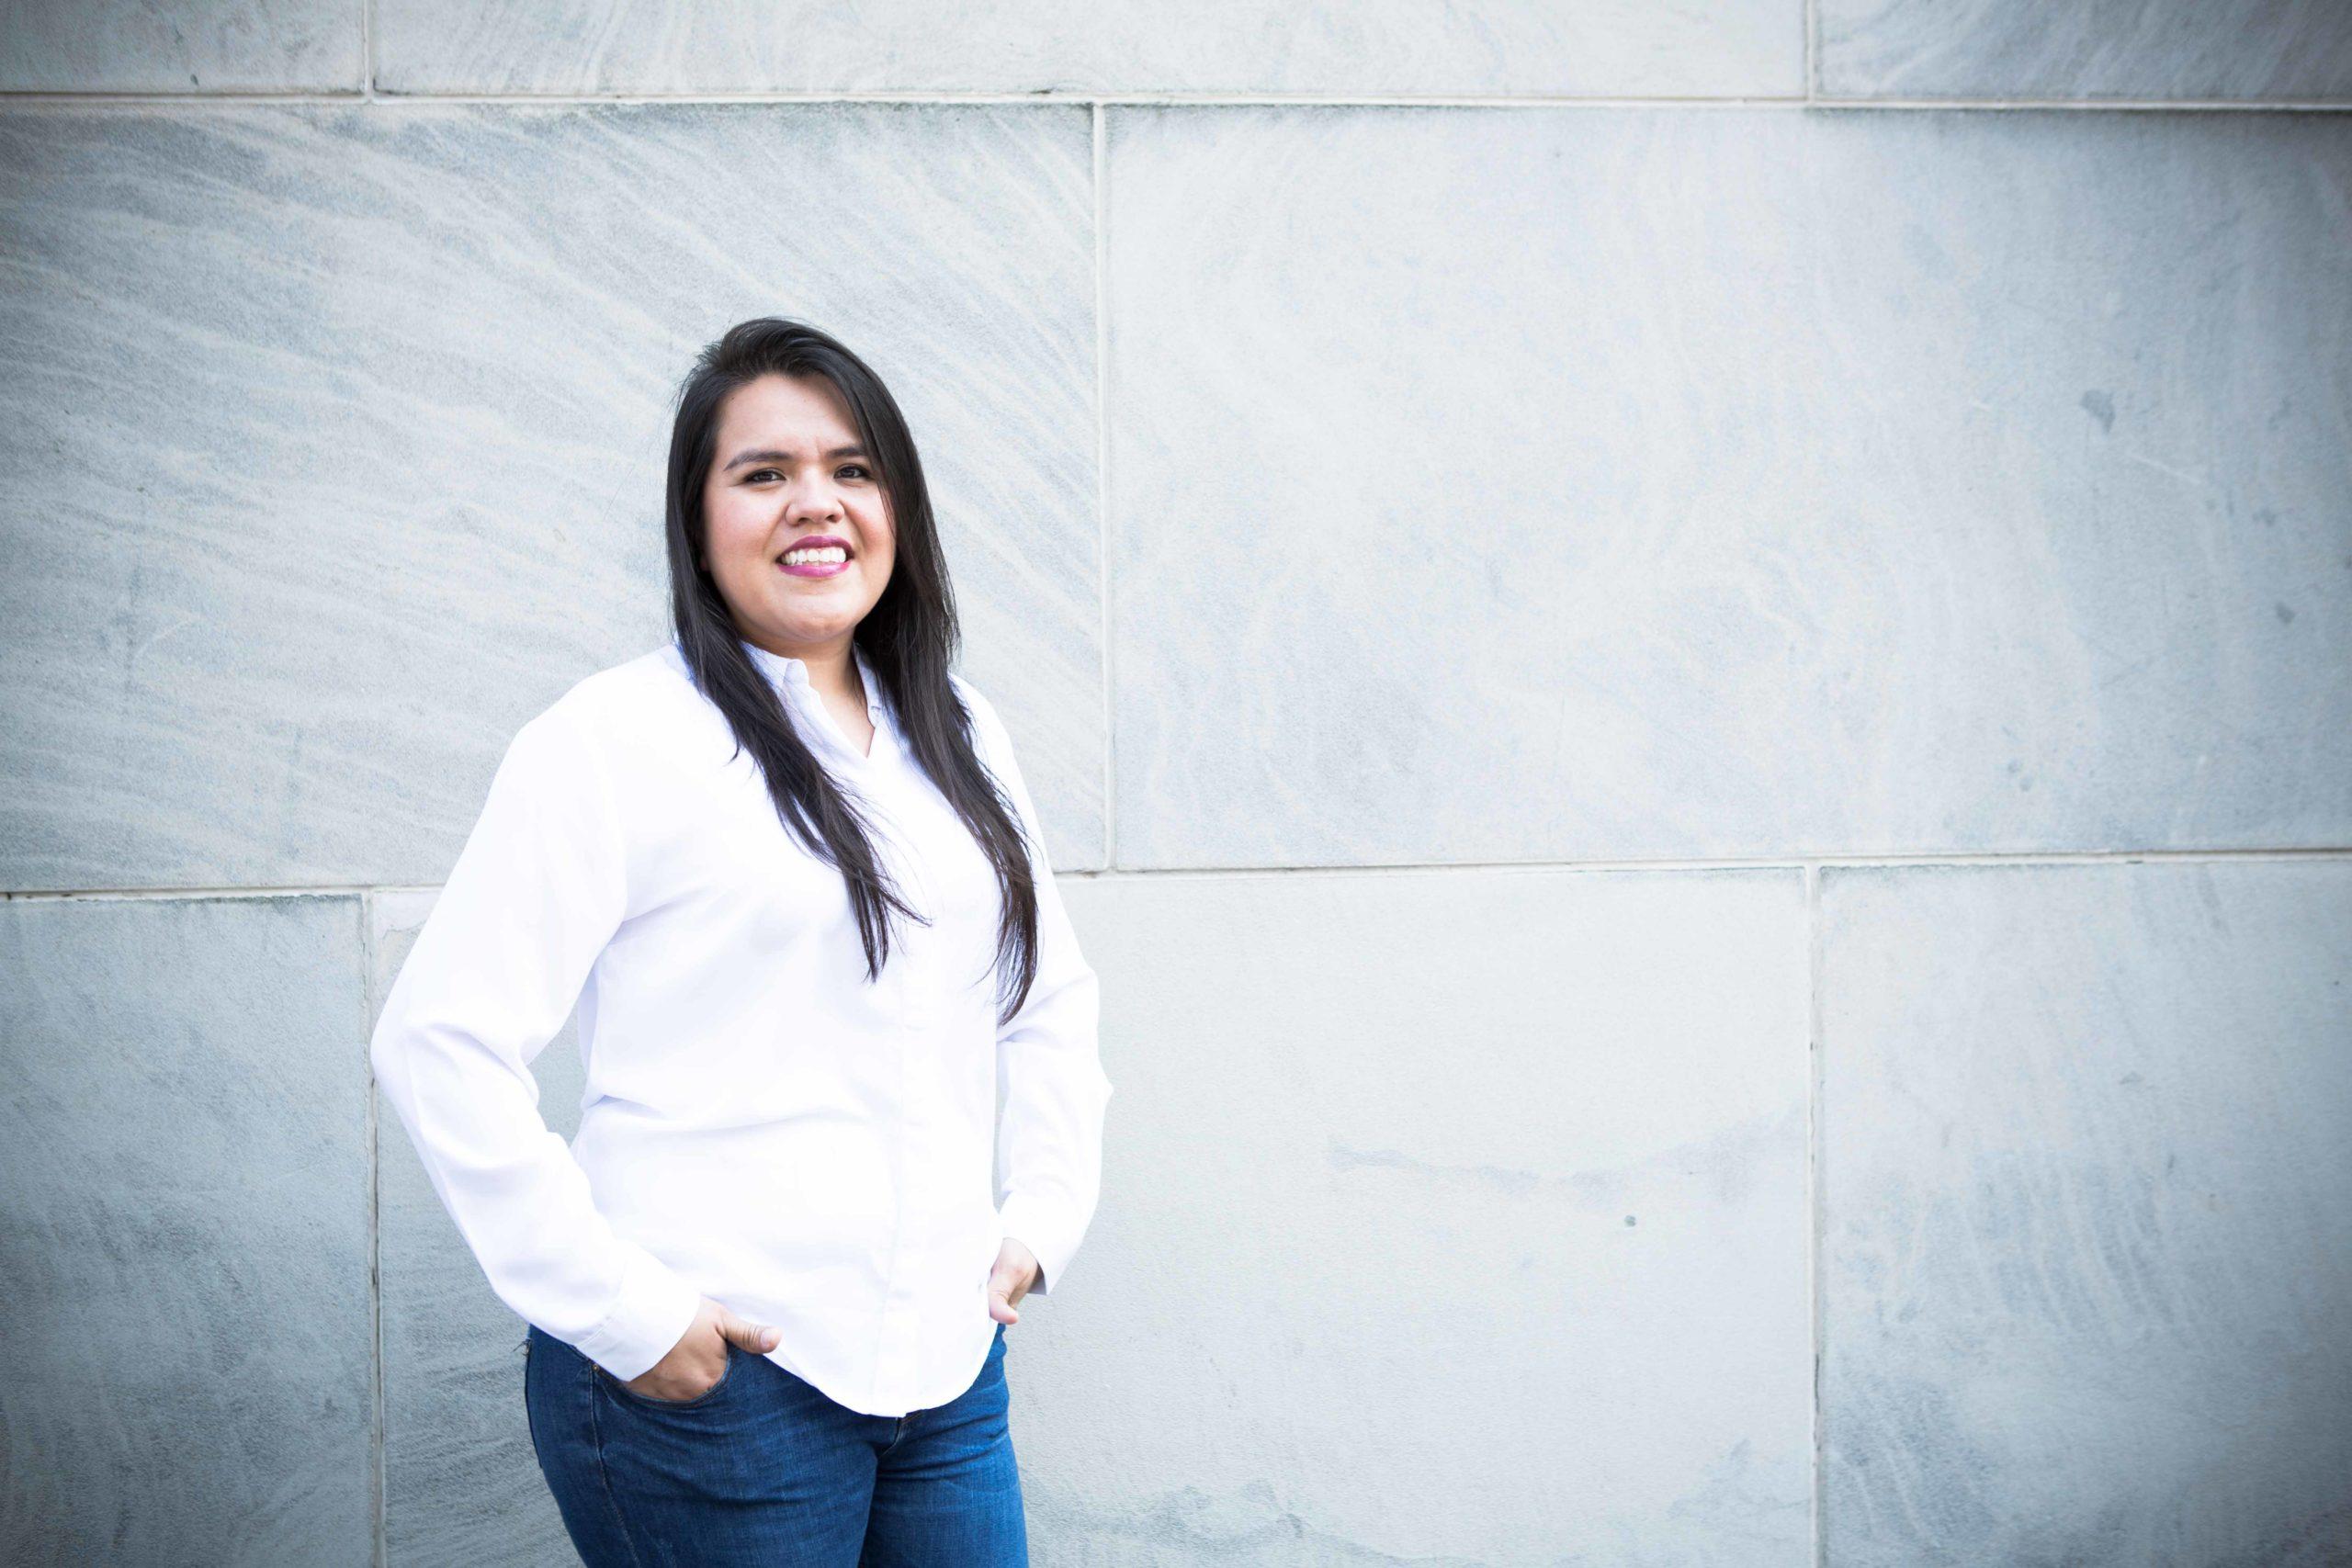 Jessica V. Martinez Aquino